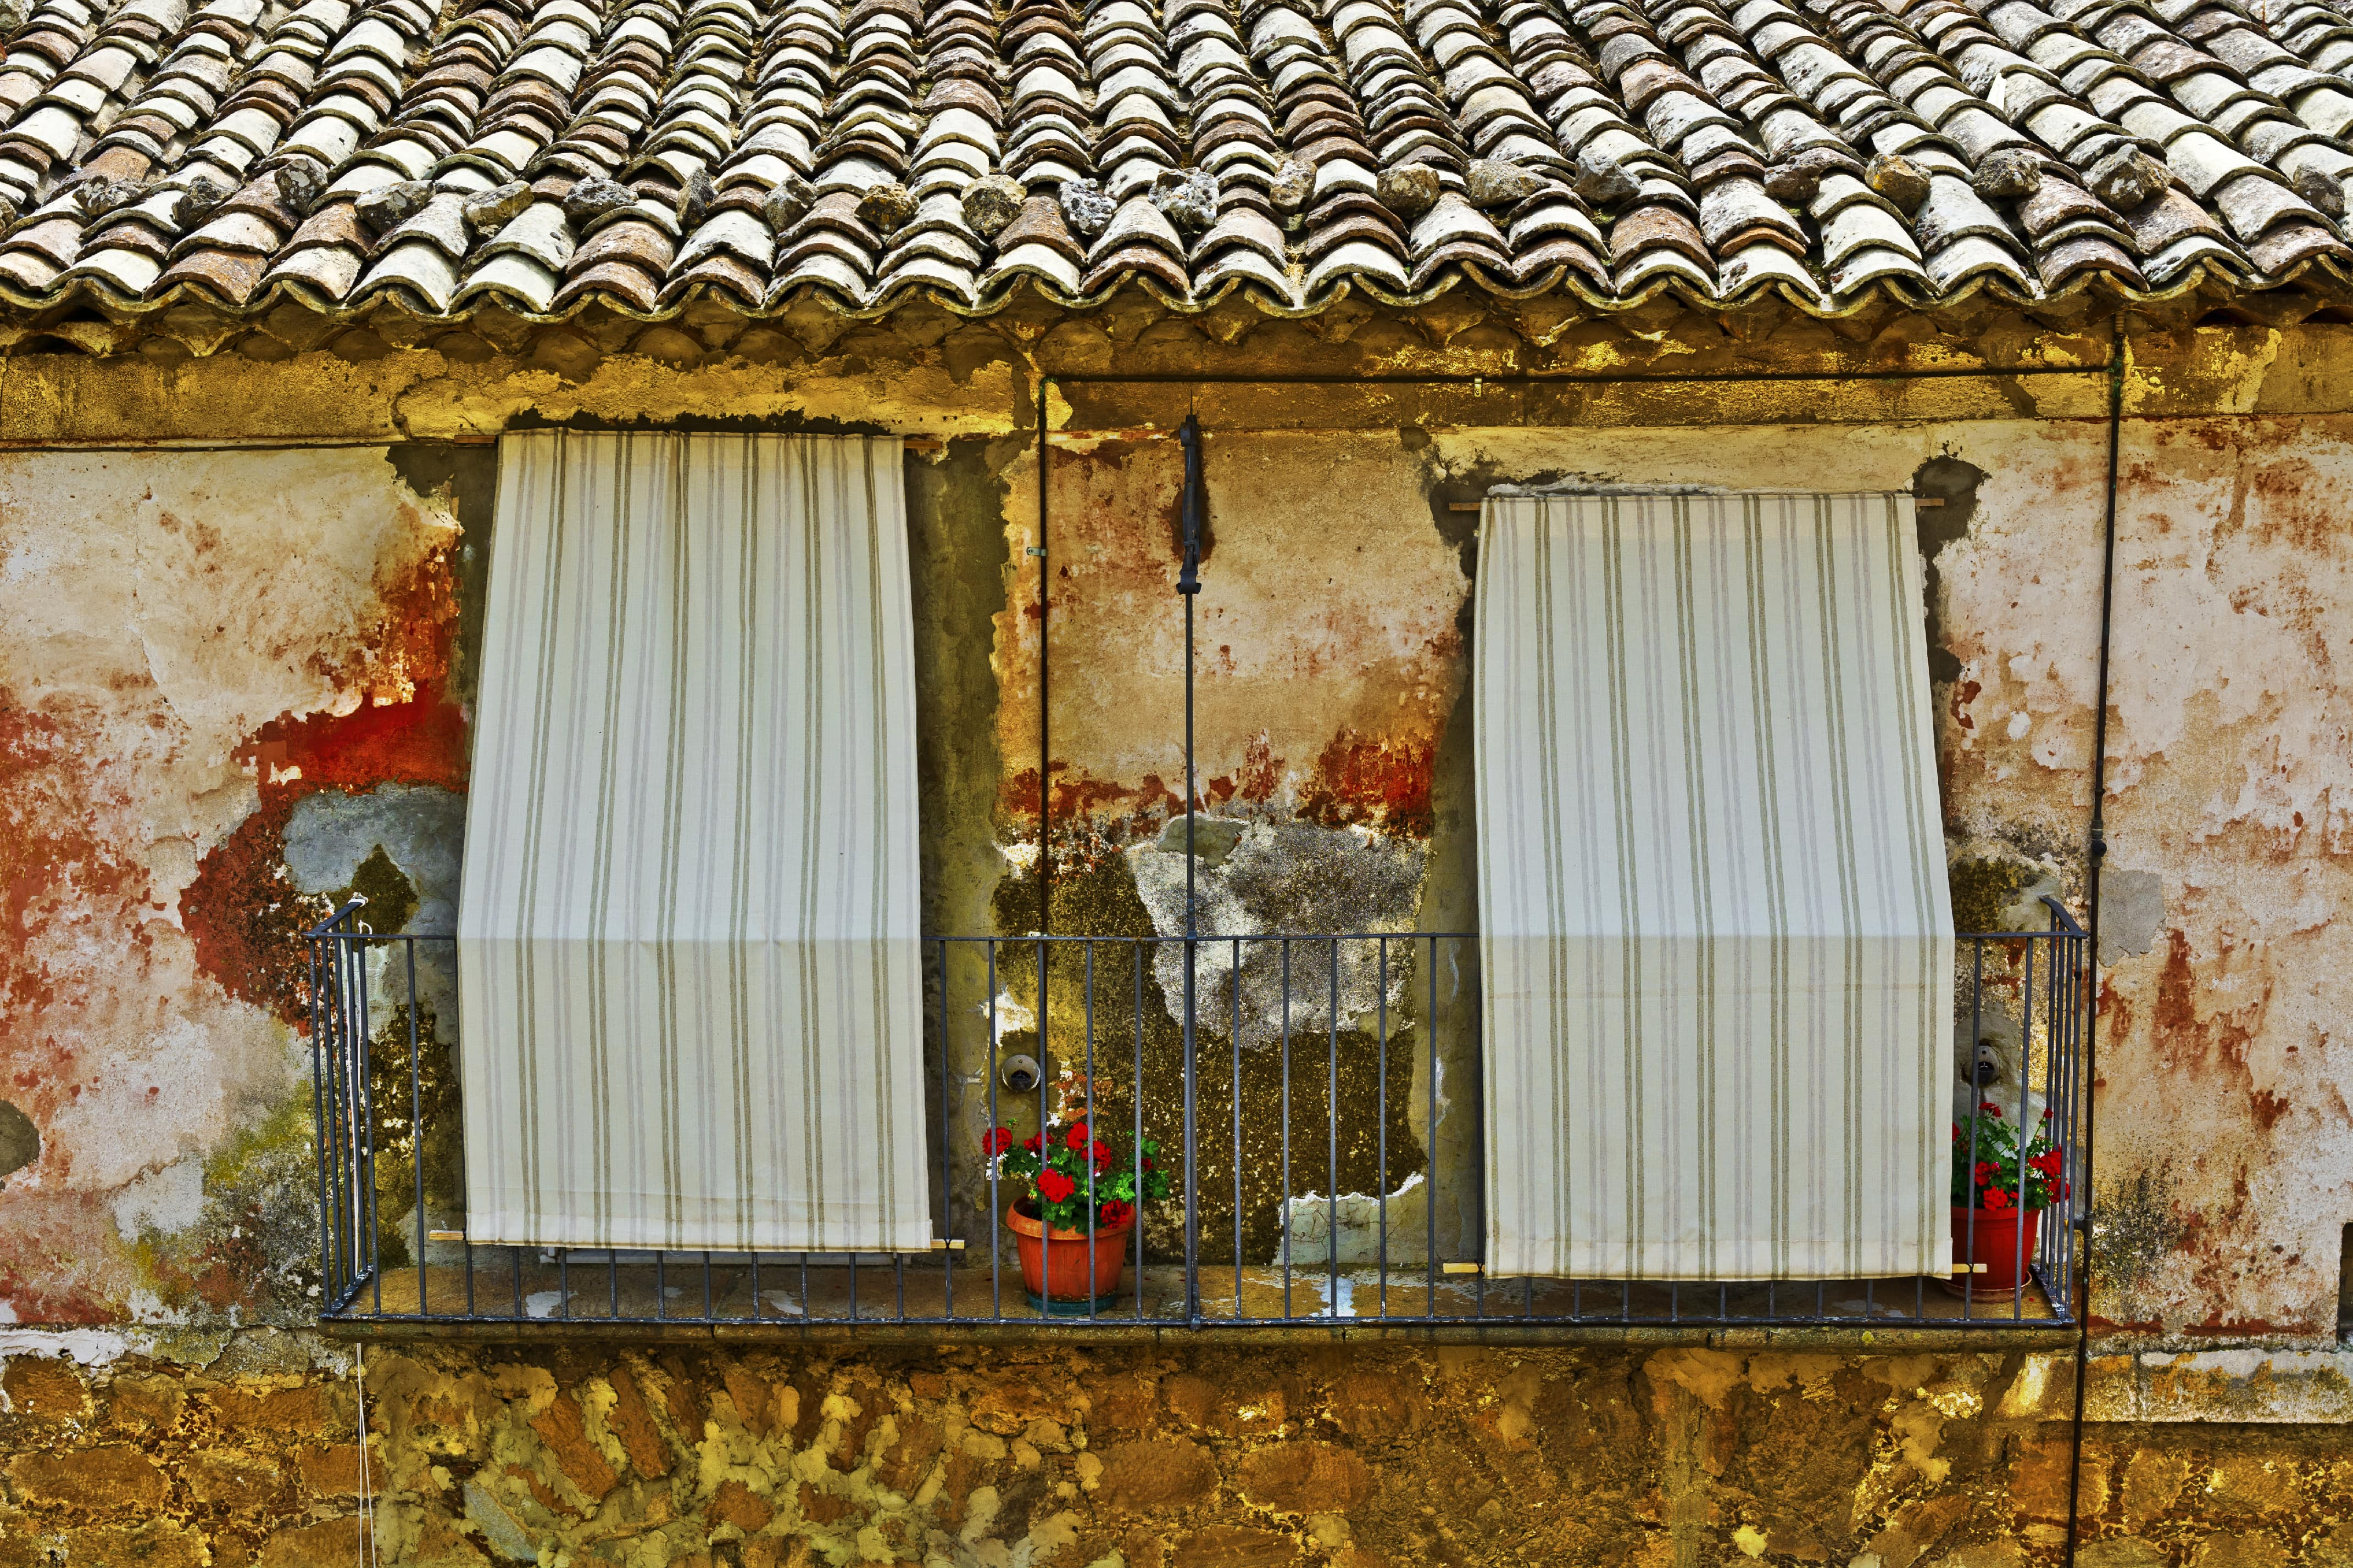 Sichtschutz Auf Dem Balkon Sorgt Für Privatsphäre